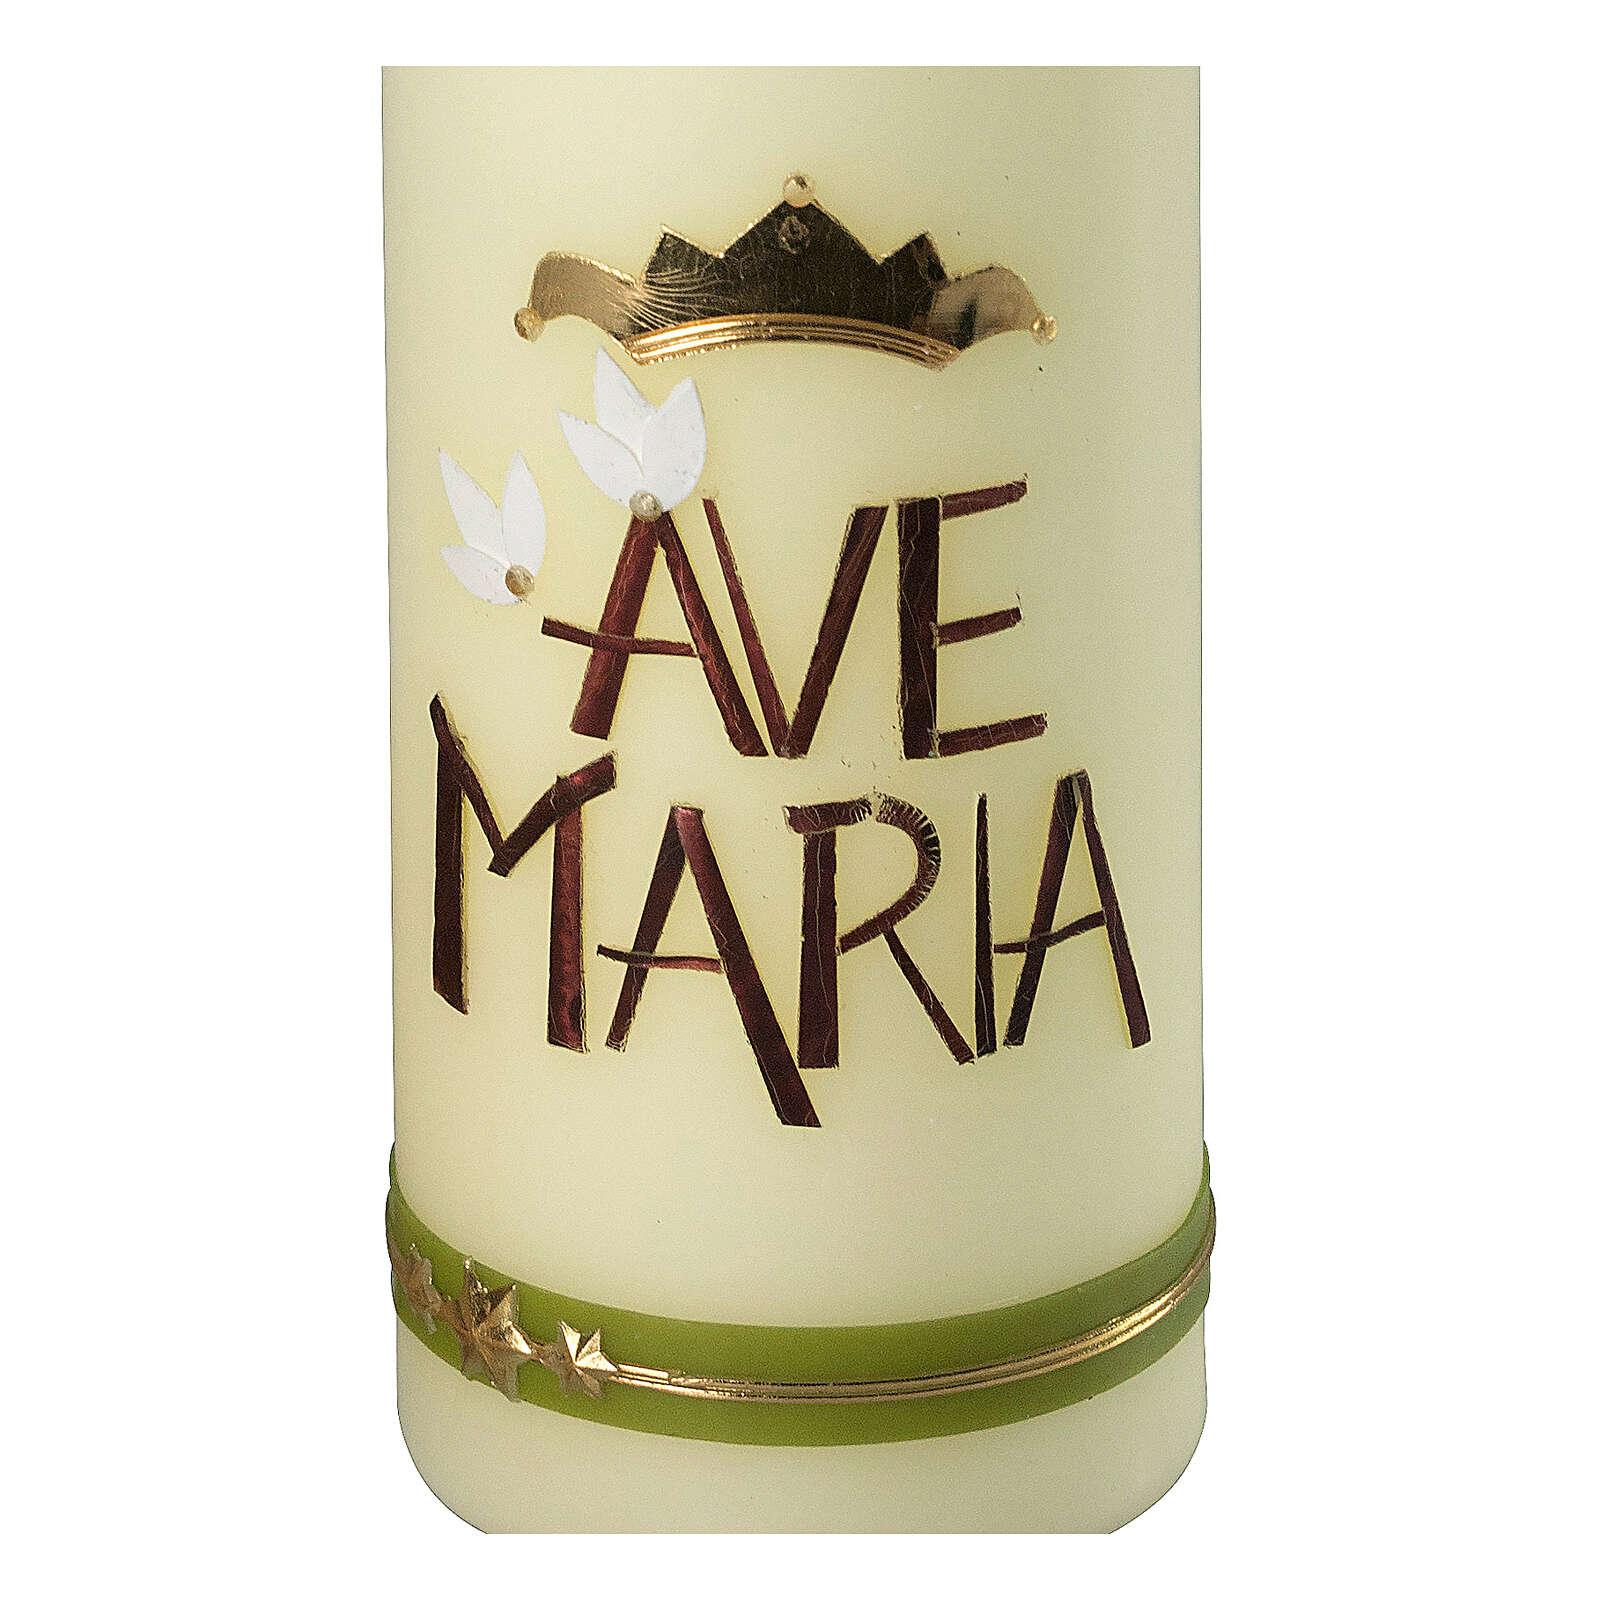 Kerze Ave Maria grüne und goldene Details, 230x80 mm 3